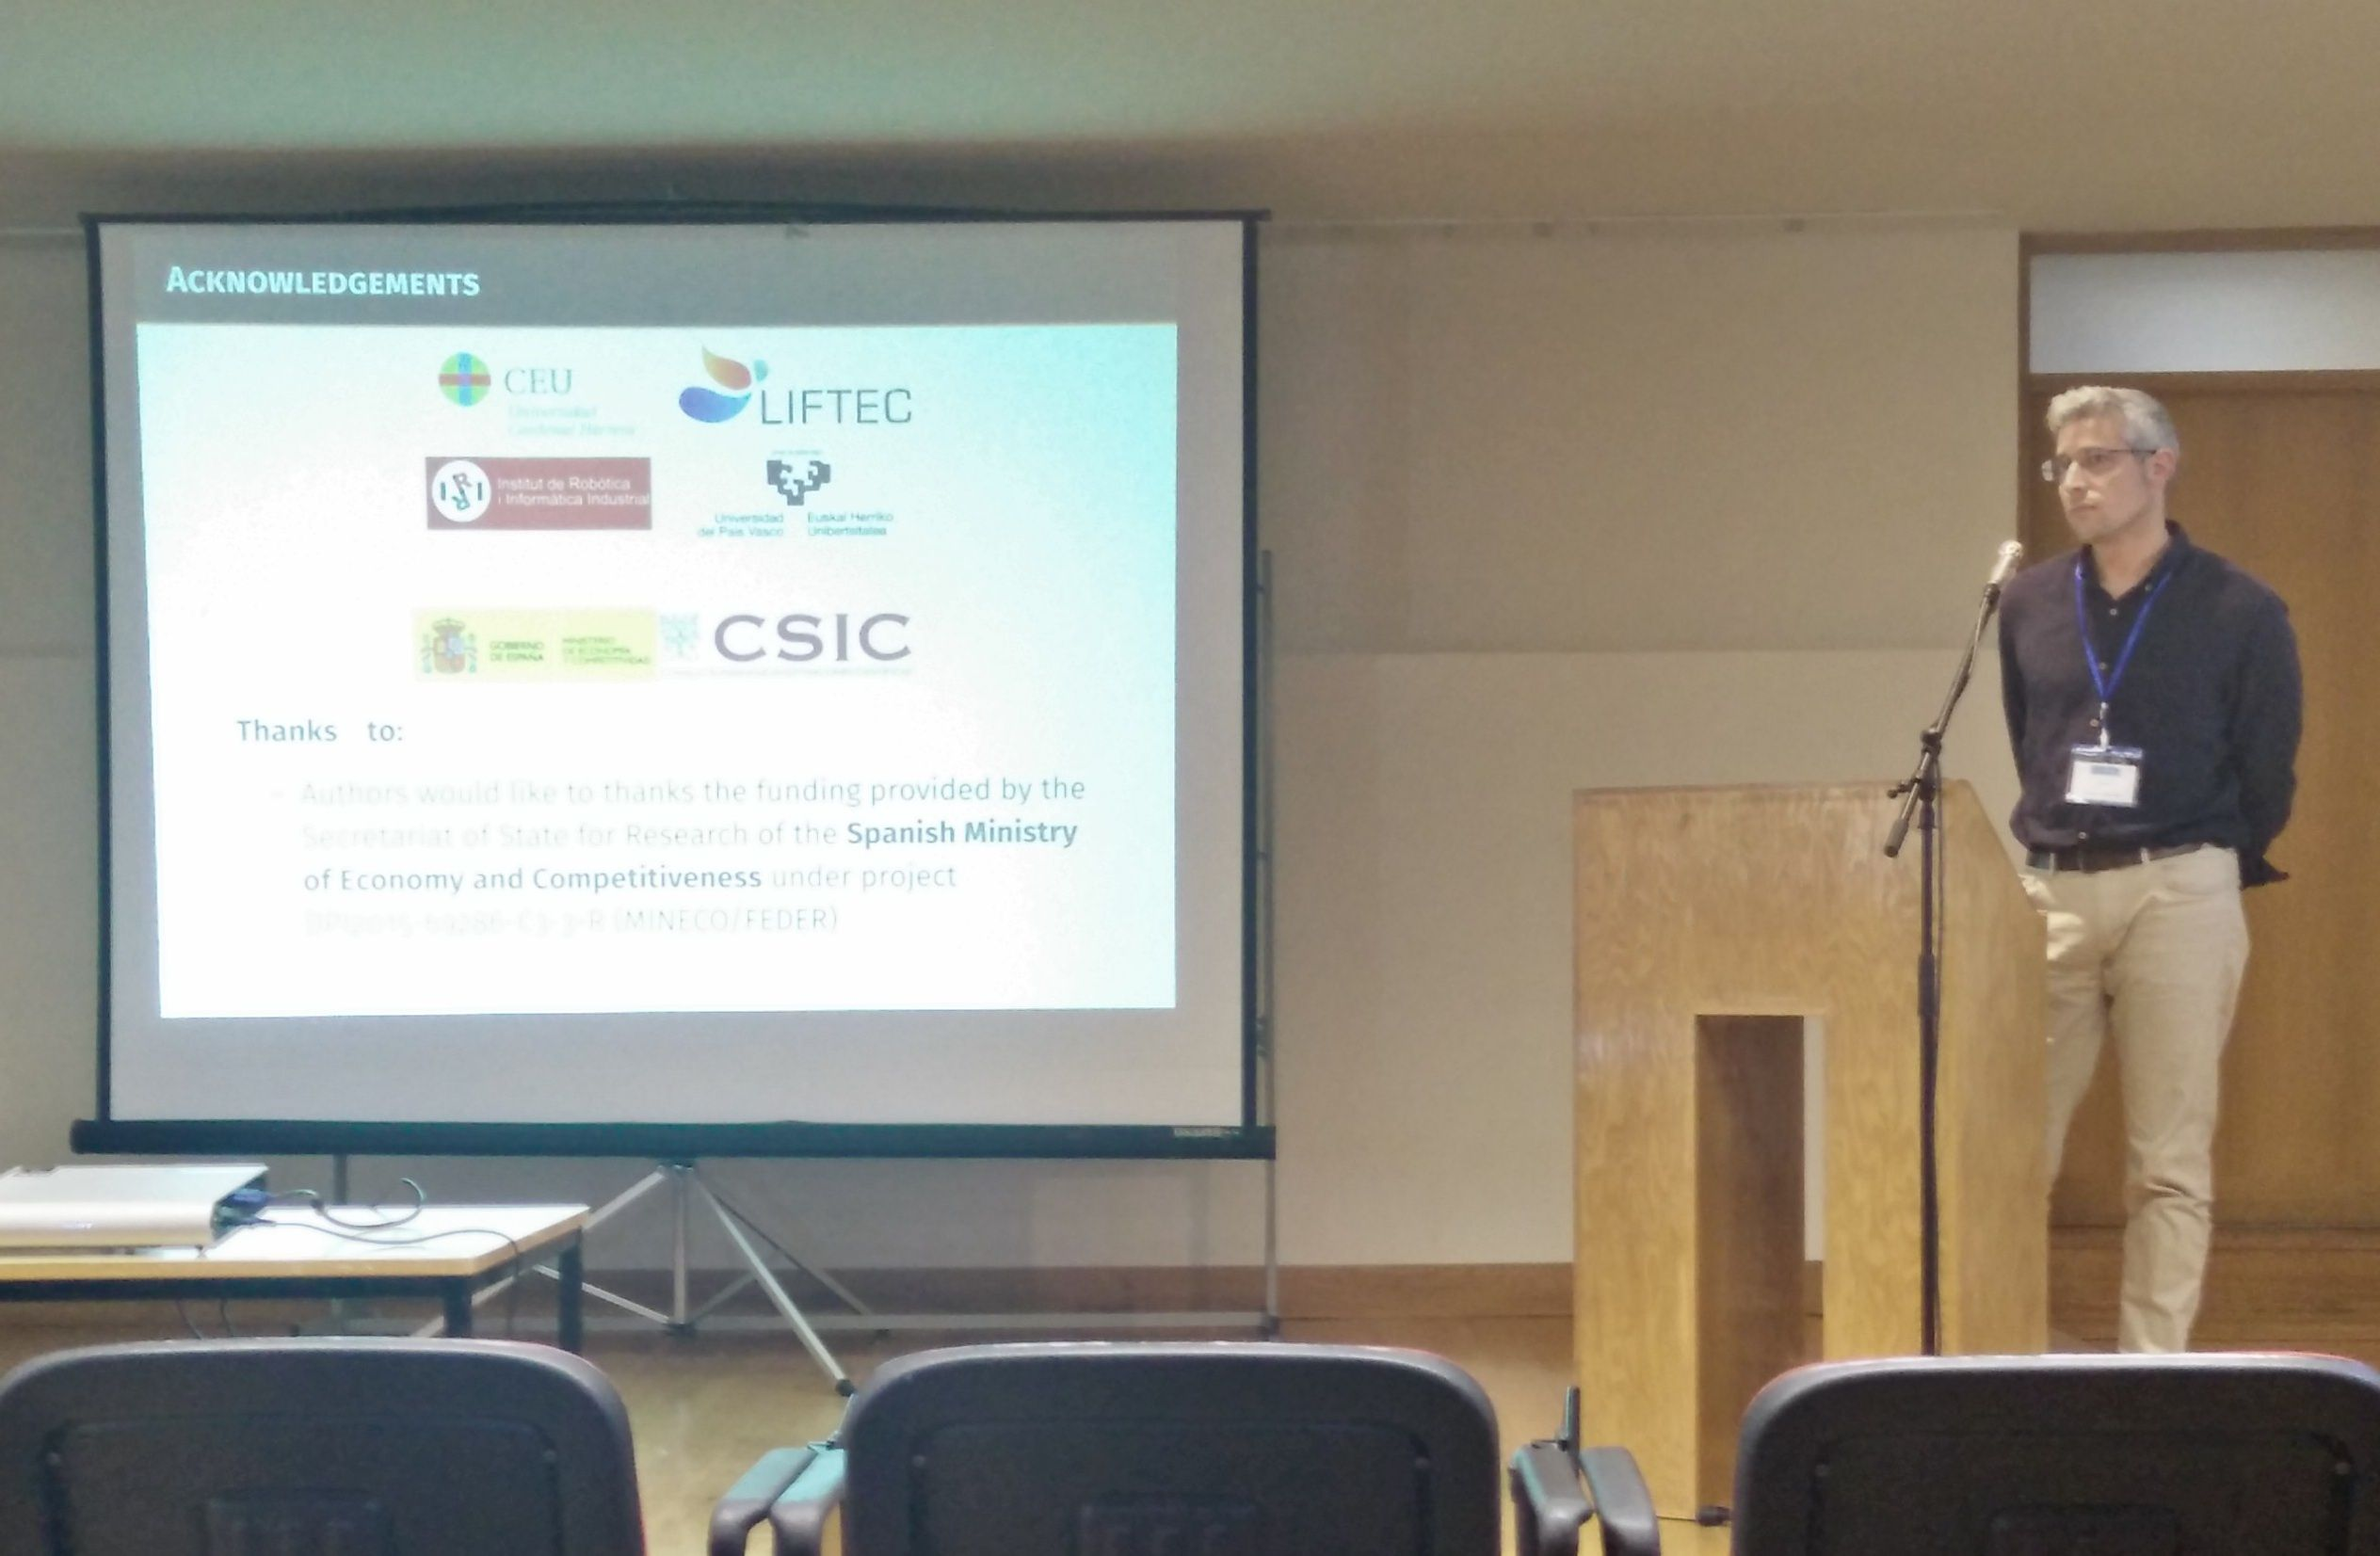 El profesor Renau, durante la presentación del proyecto en Hyceltec 2017, en Oporto.